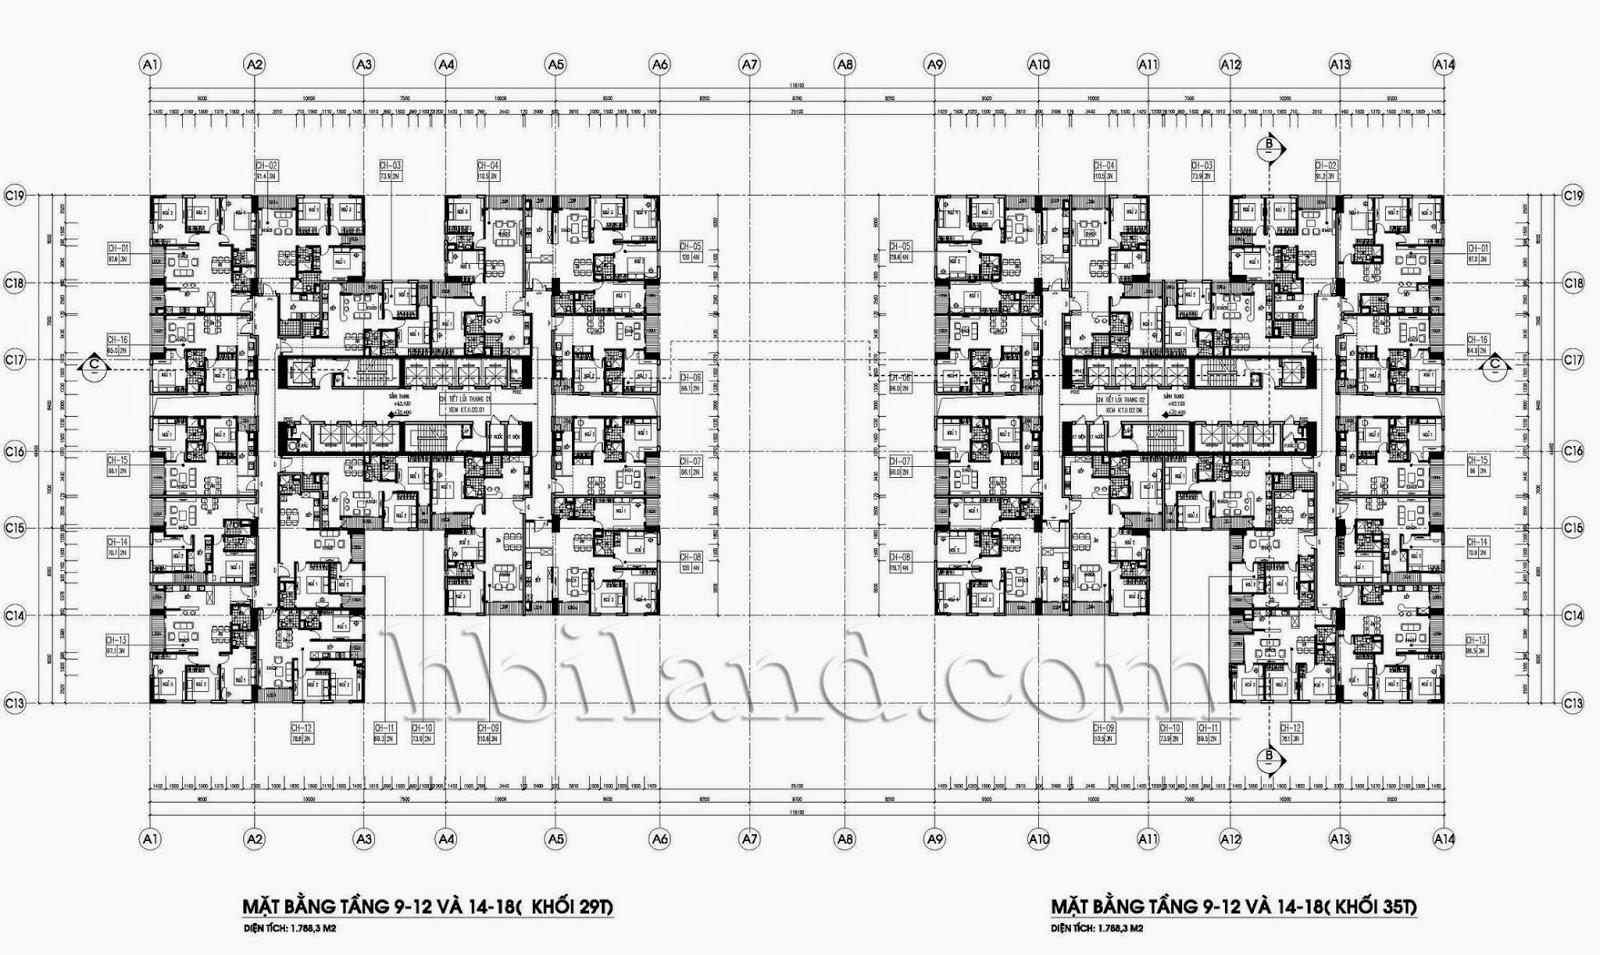 thiết kế chi tiết căn hộ 35T-A1613 chung cư Imperia Garden